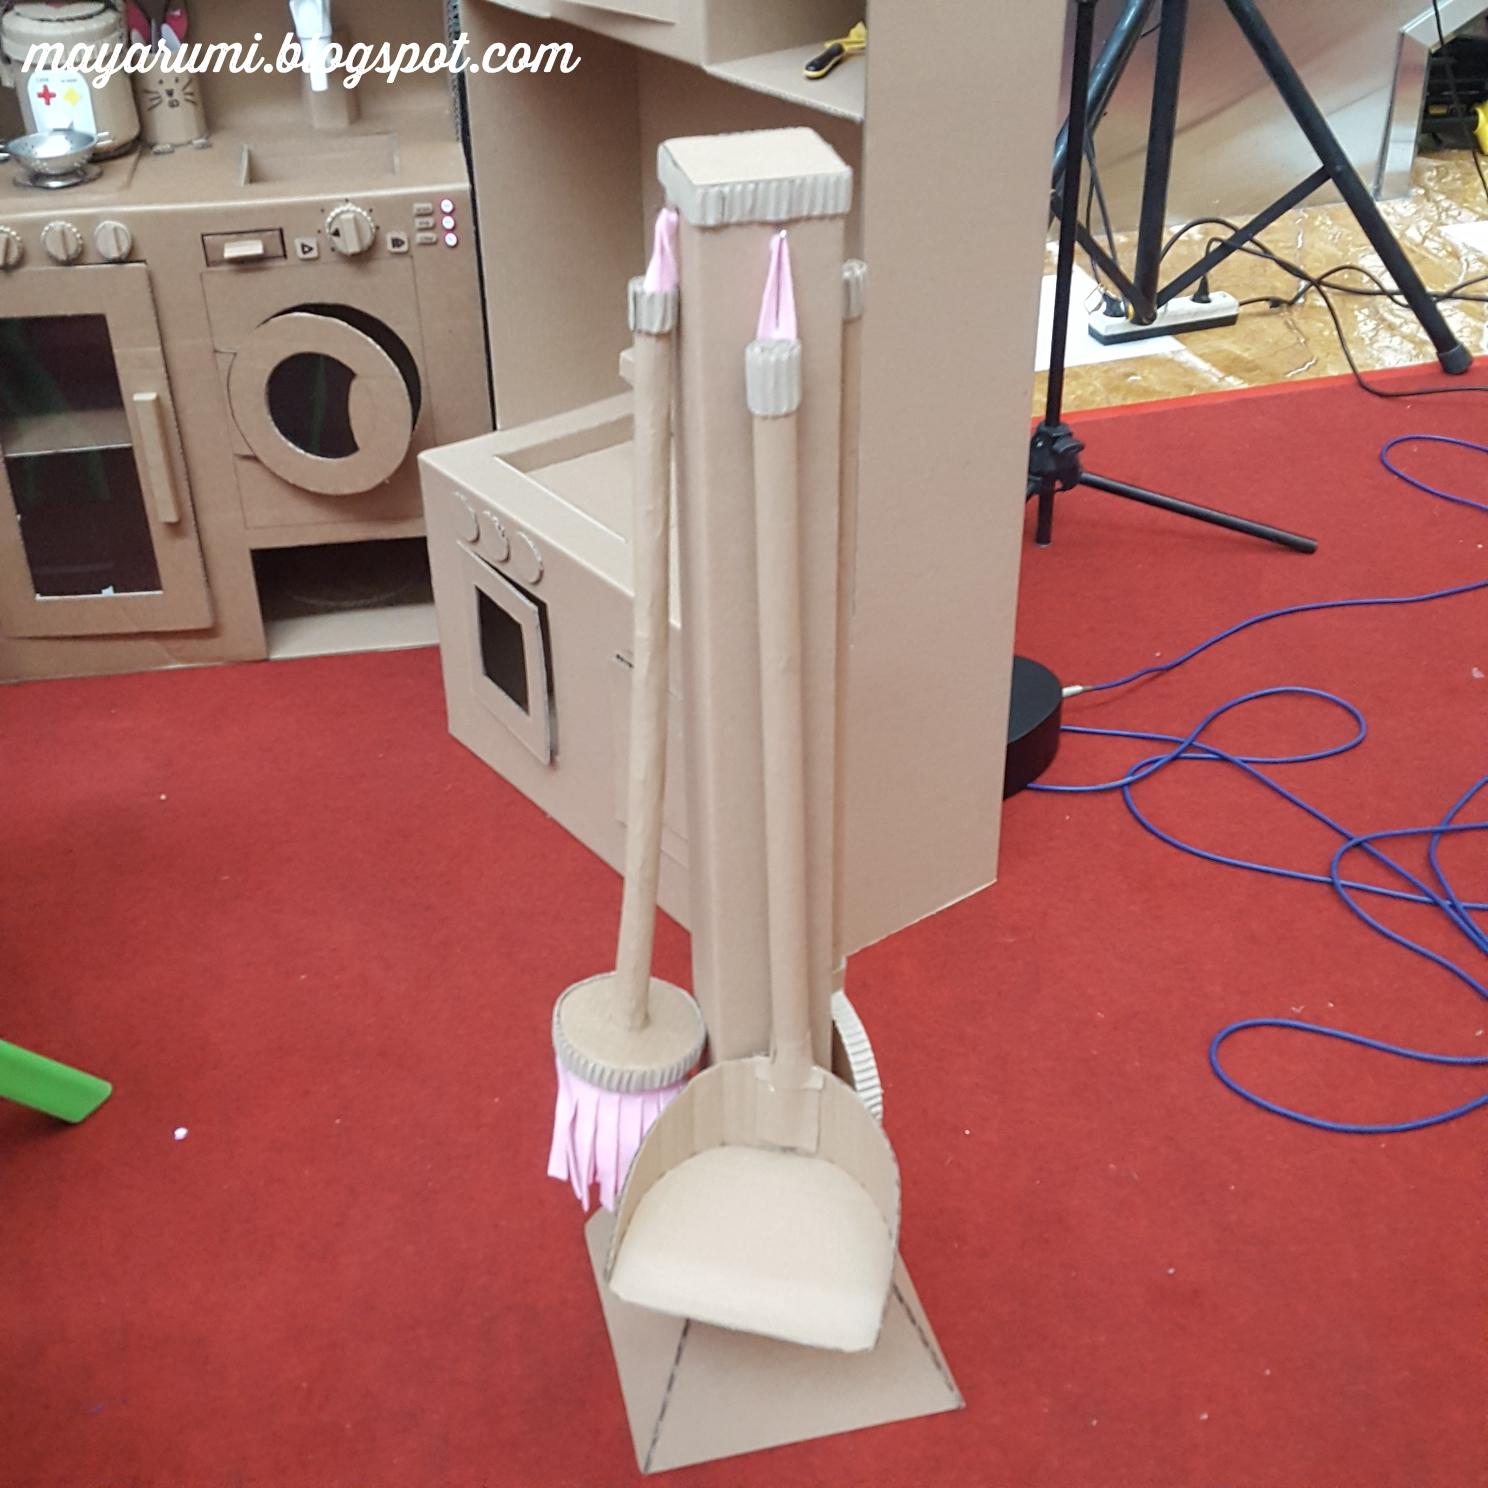 Cara Membuat Mesin Atm Dari Kardus   Seputar Mesin